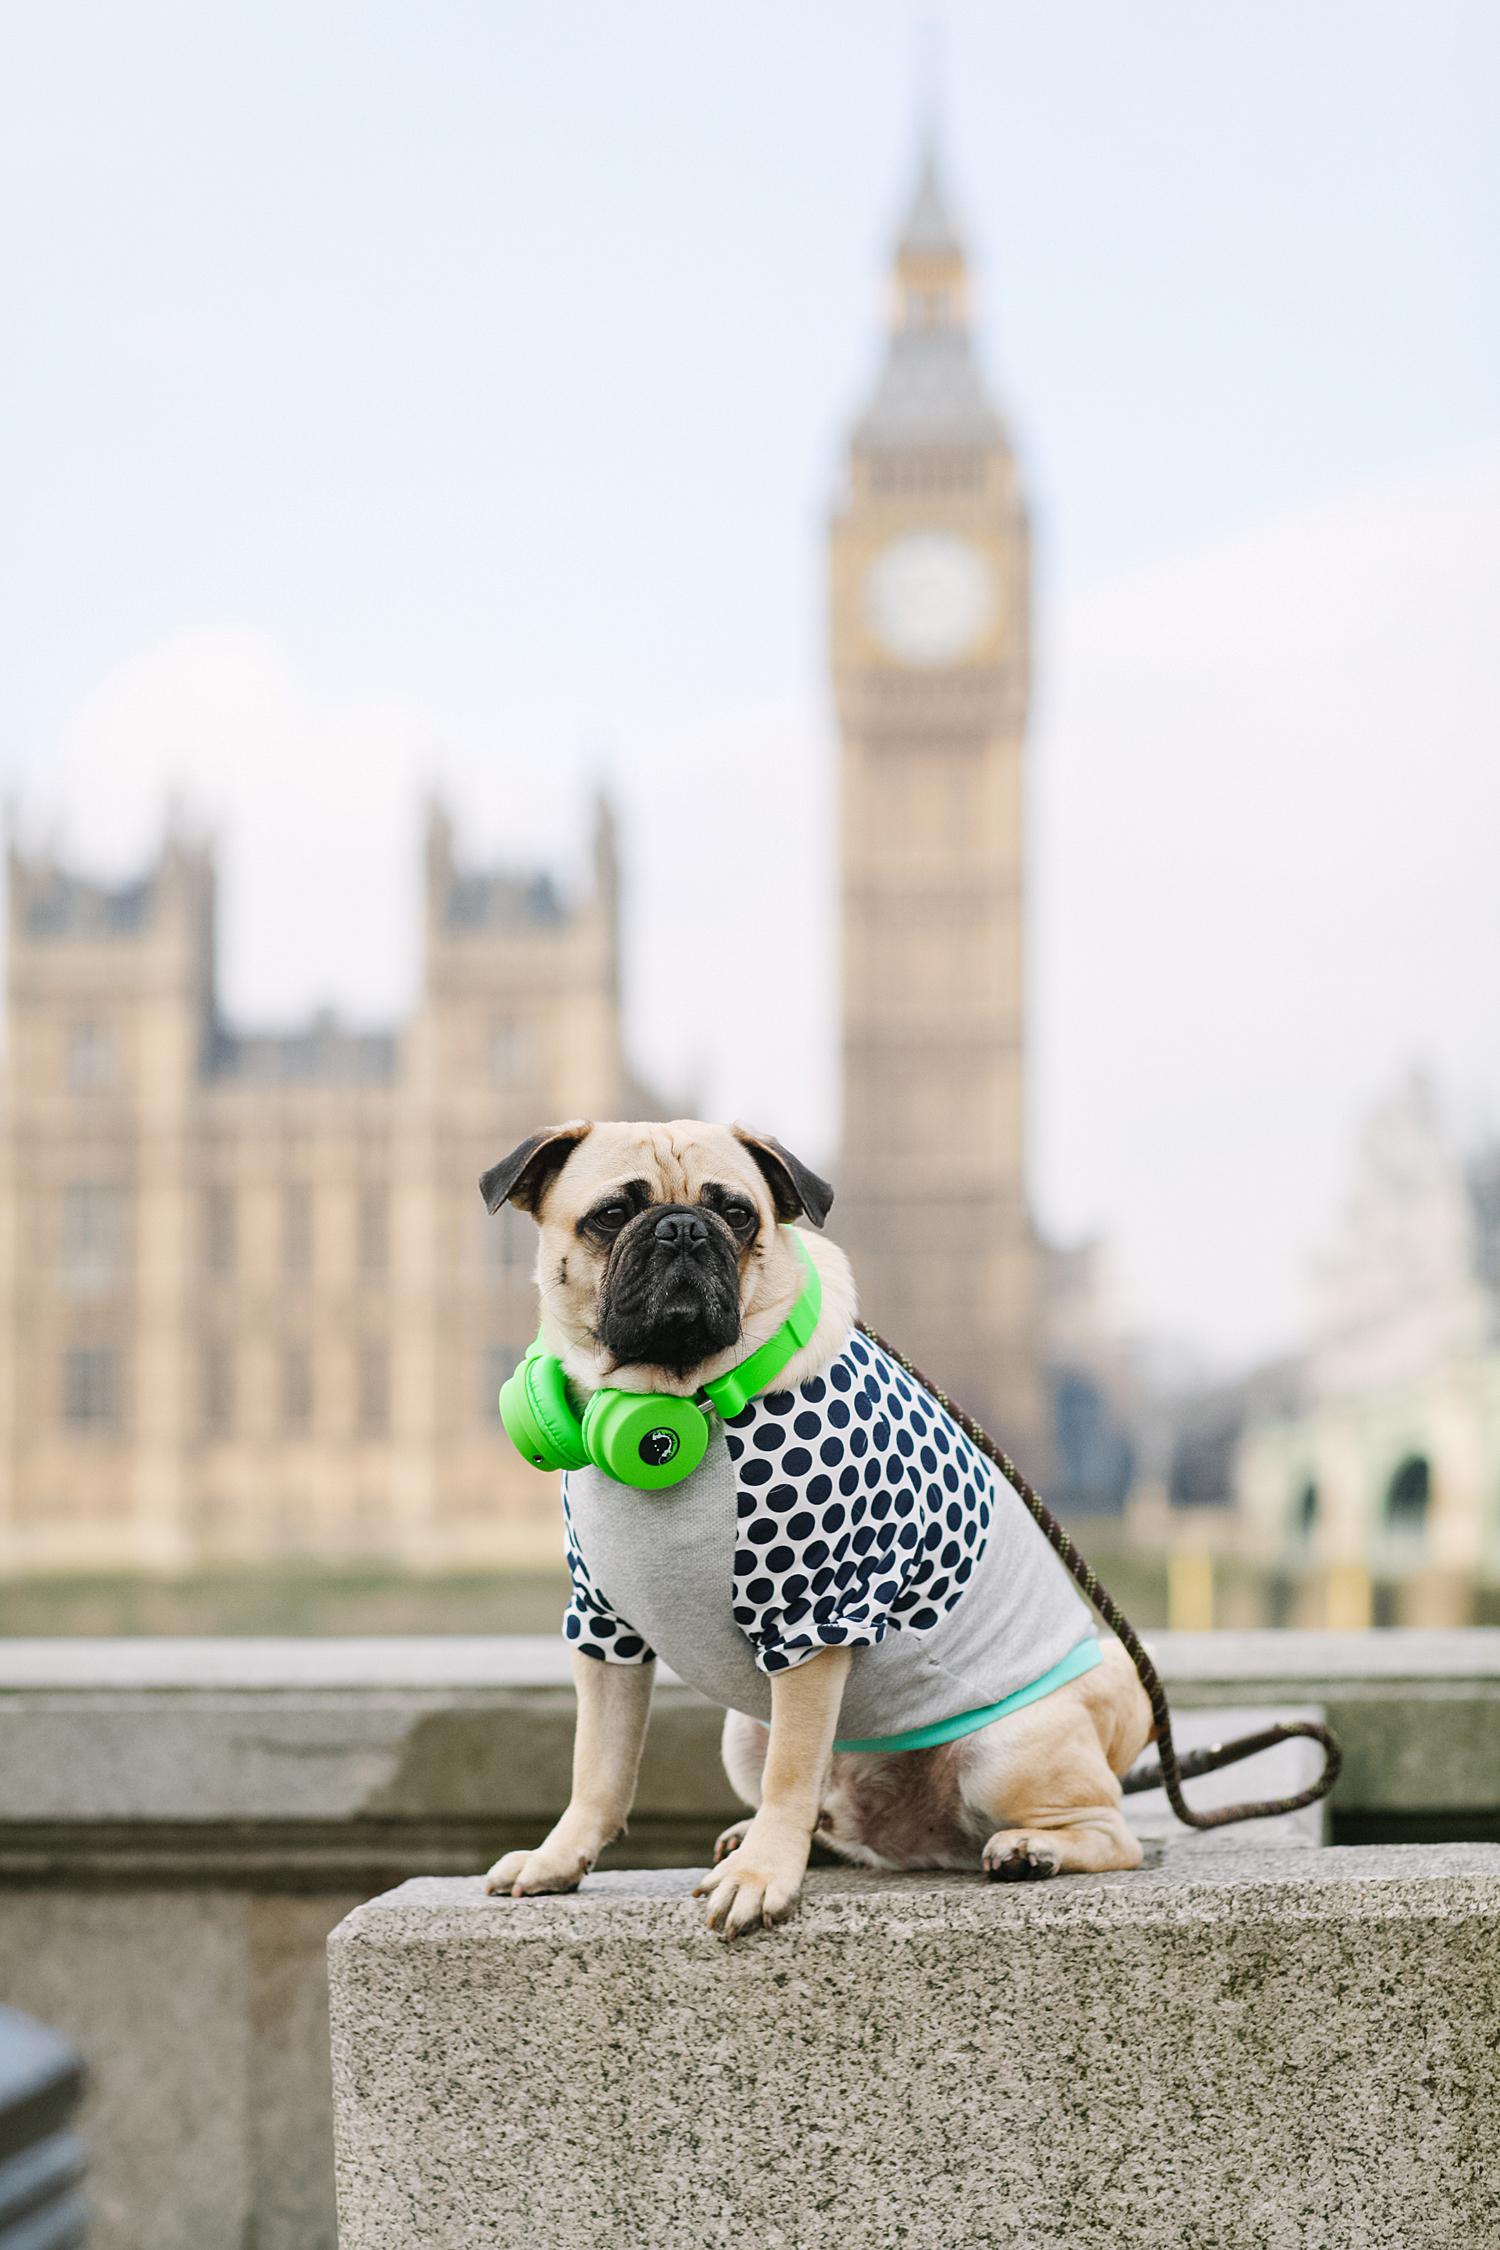 london-westminster-wesminsterabbey-honeyidressedthepug-dogfashionblog-petfashionblog-dogblog-london-uk-dogsinclothes-humanandhound-humanandhoundfashion-puglife-londonpug-bestdogblog-topdogblog-stylishdogs-instafamousdogs.jpg